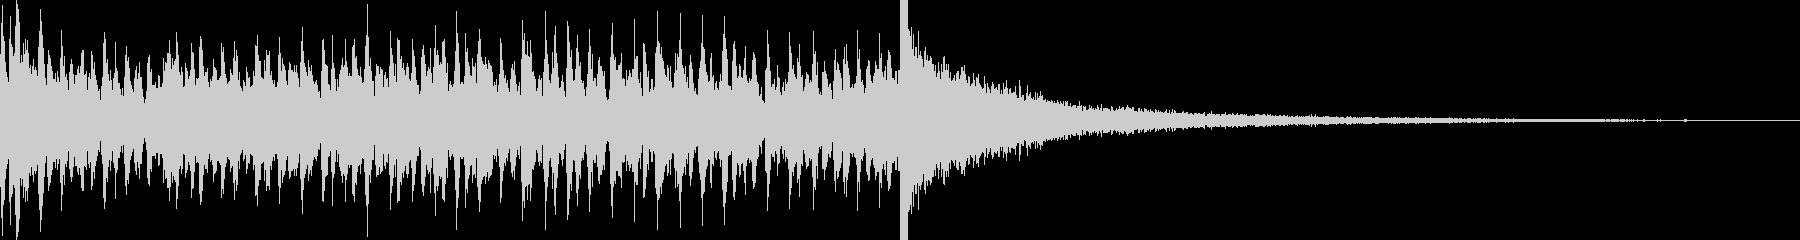 5秒でシンバルが鳴るドラムロール 豪華の未再生の波形